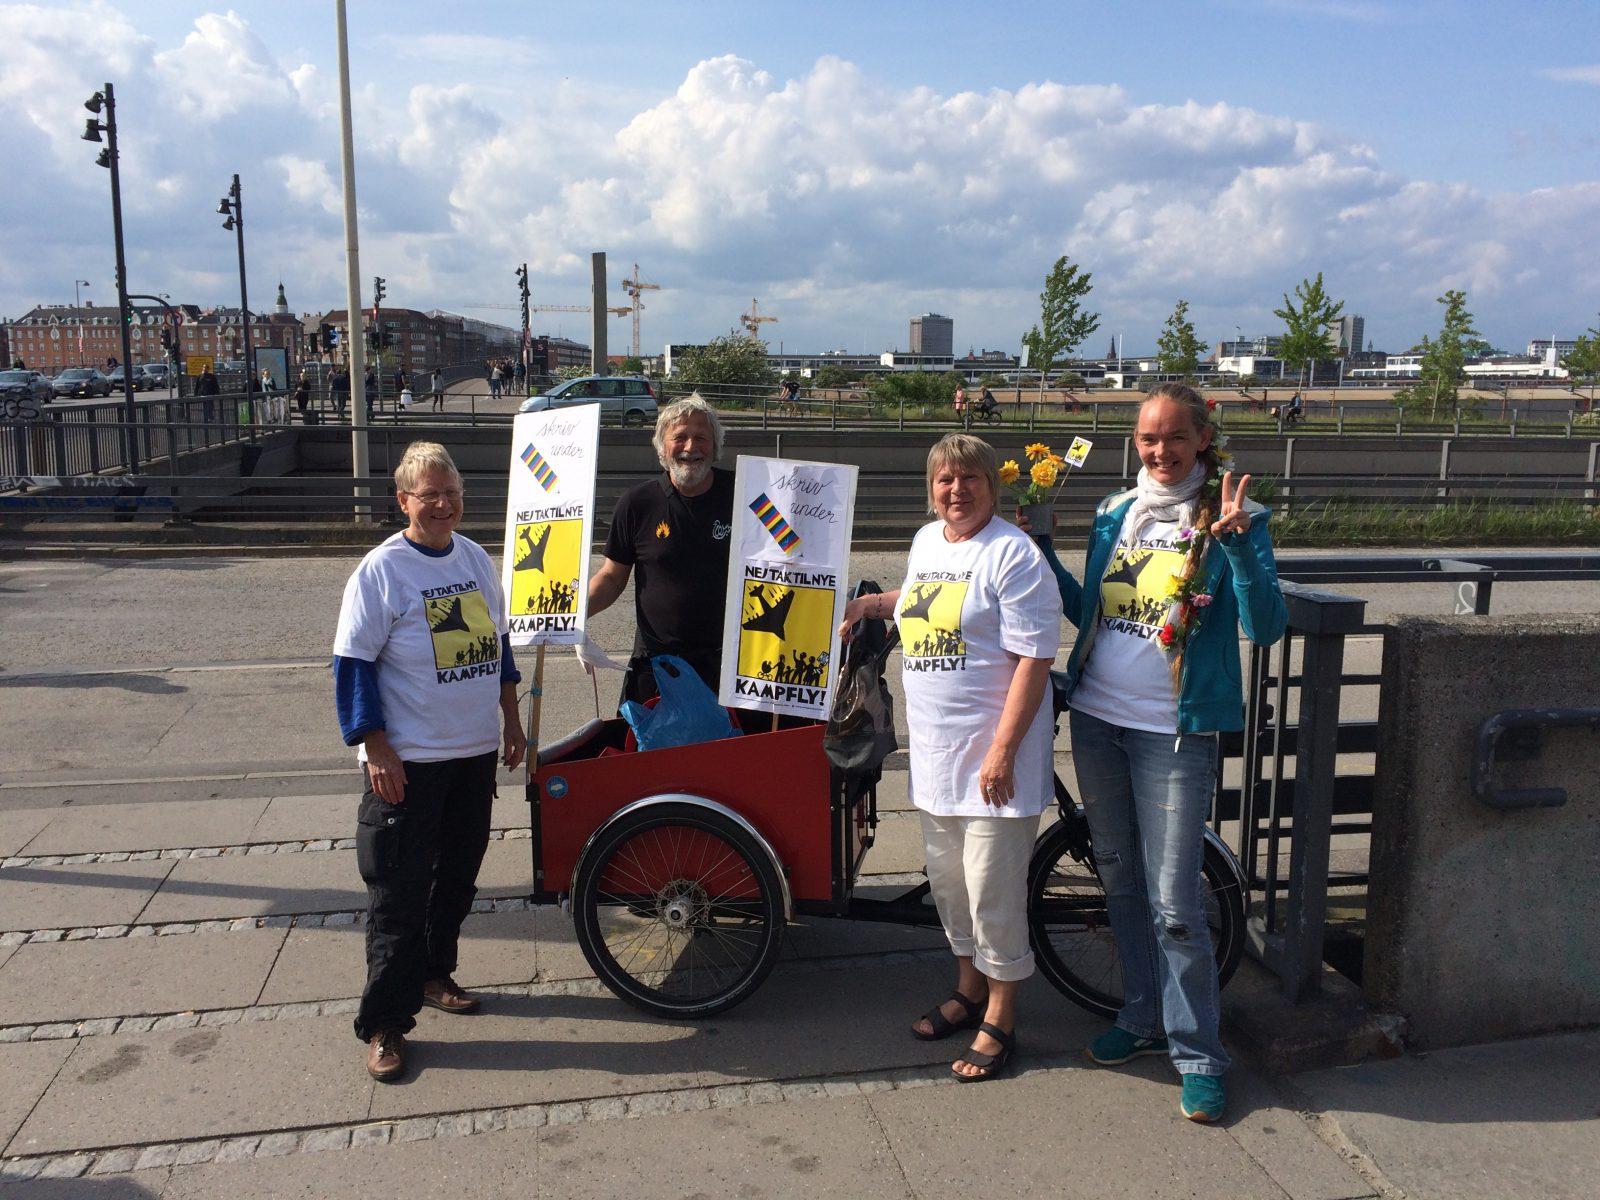 Aktivister foran Fisketorvet i København